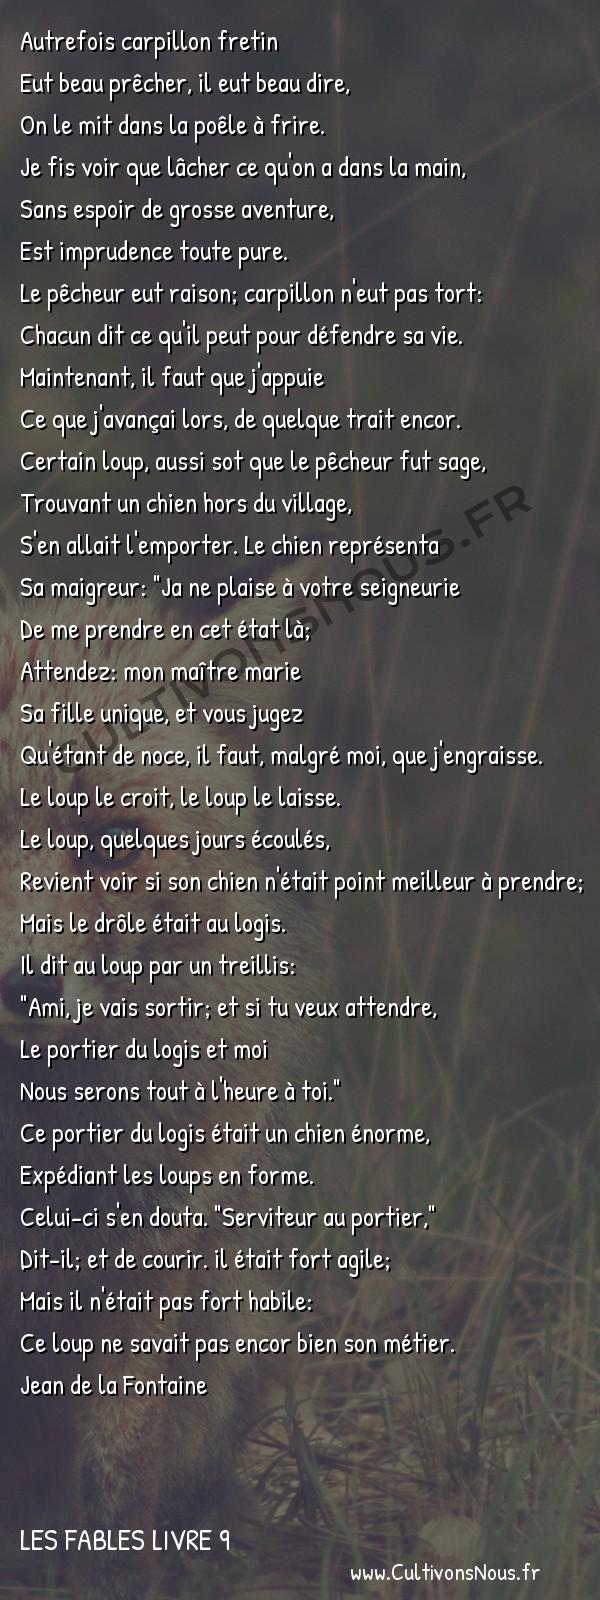 Fables Jean de la Fontaine - Les fables Livre 9 - Le Loup et le Chien maigre -   Autrefois carpillon fretin Eut beau prêcher, il eut beau dire,